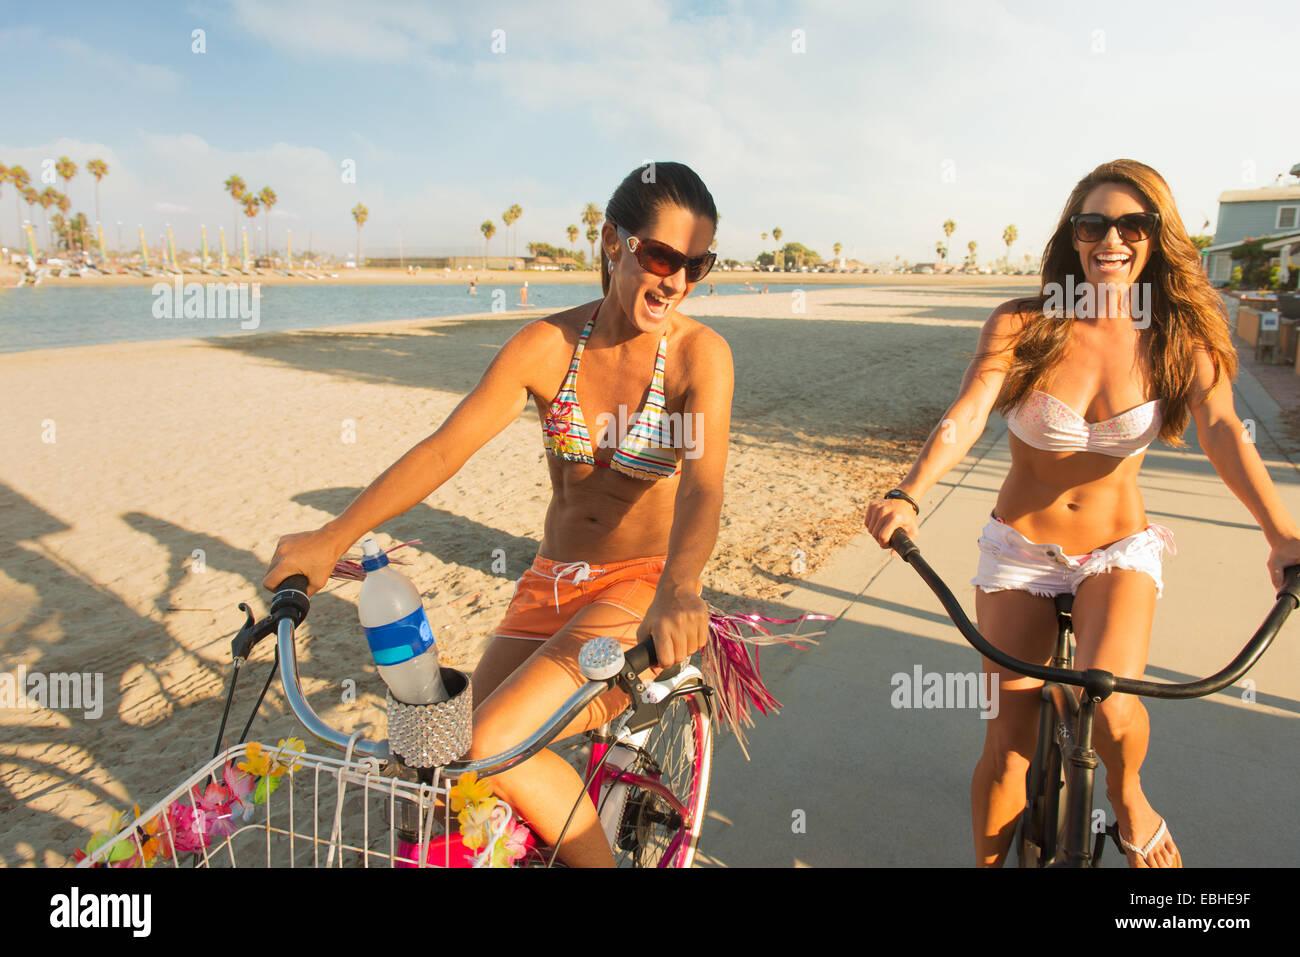 Due donne in bicicletta sulla spiaggia, Mission Bay, San Diego, California, Stati Uniti d'America Immagini Stock